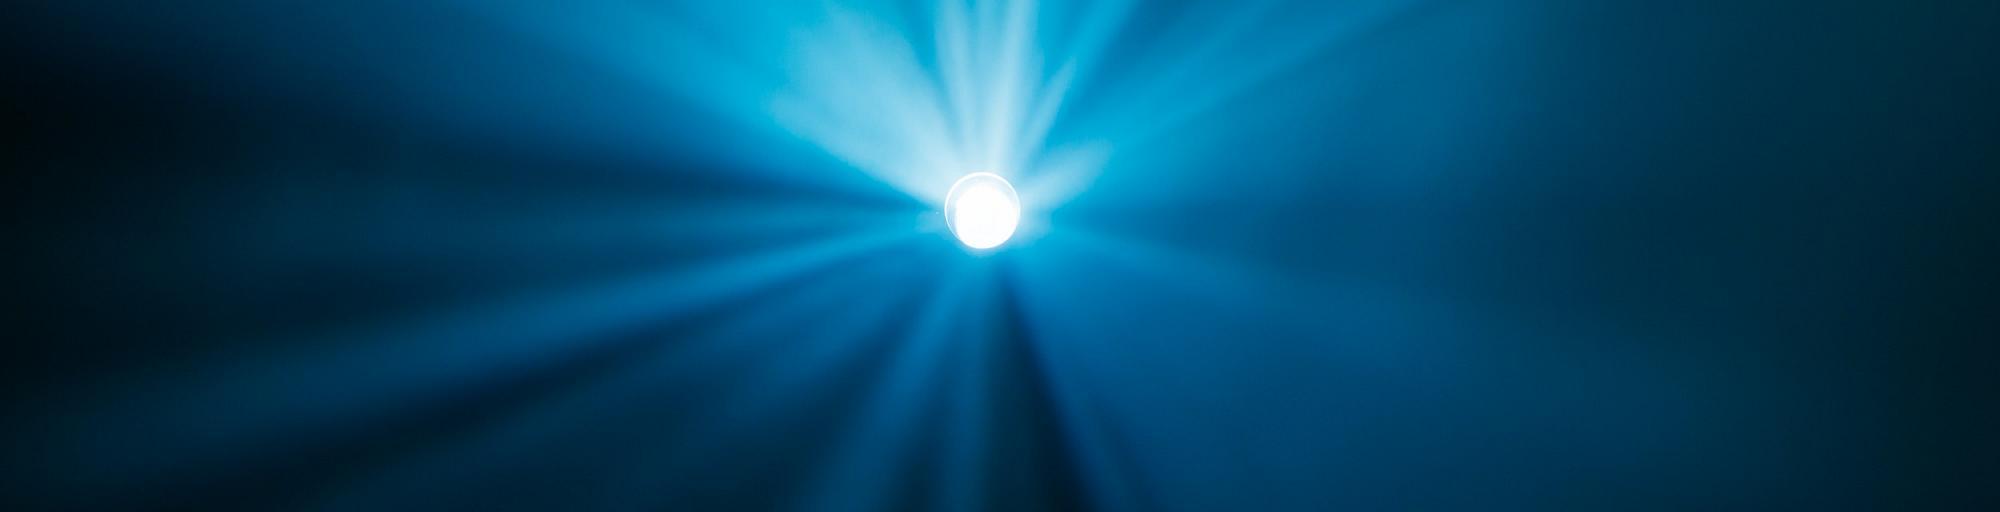 Projektoren leihen